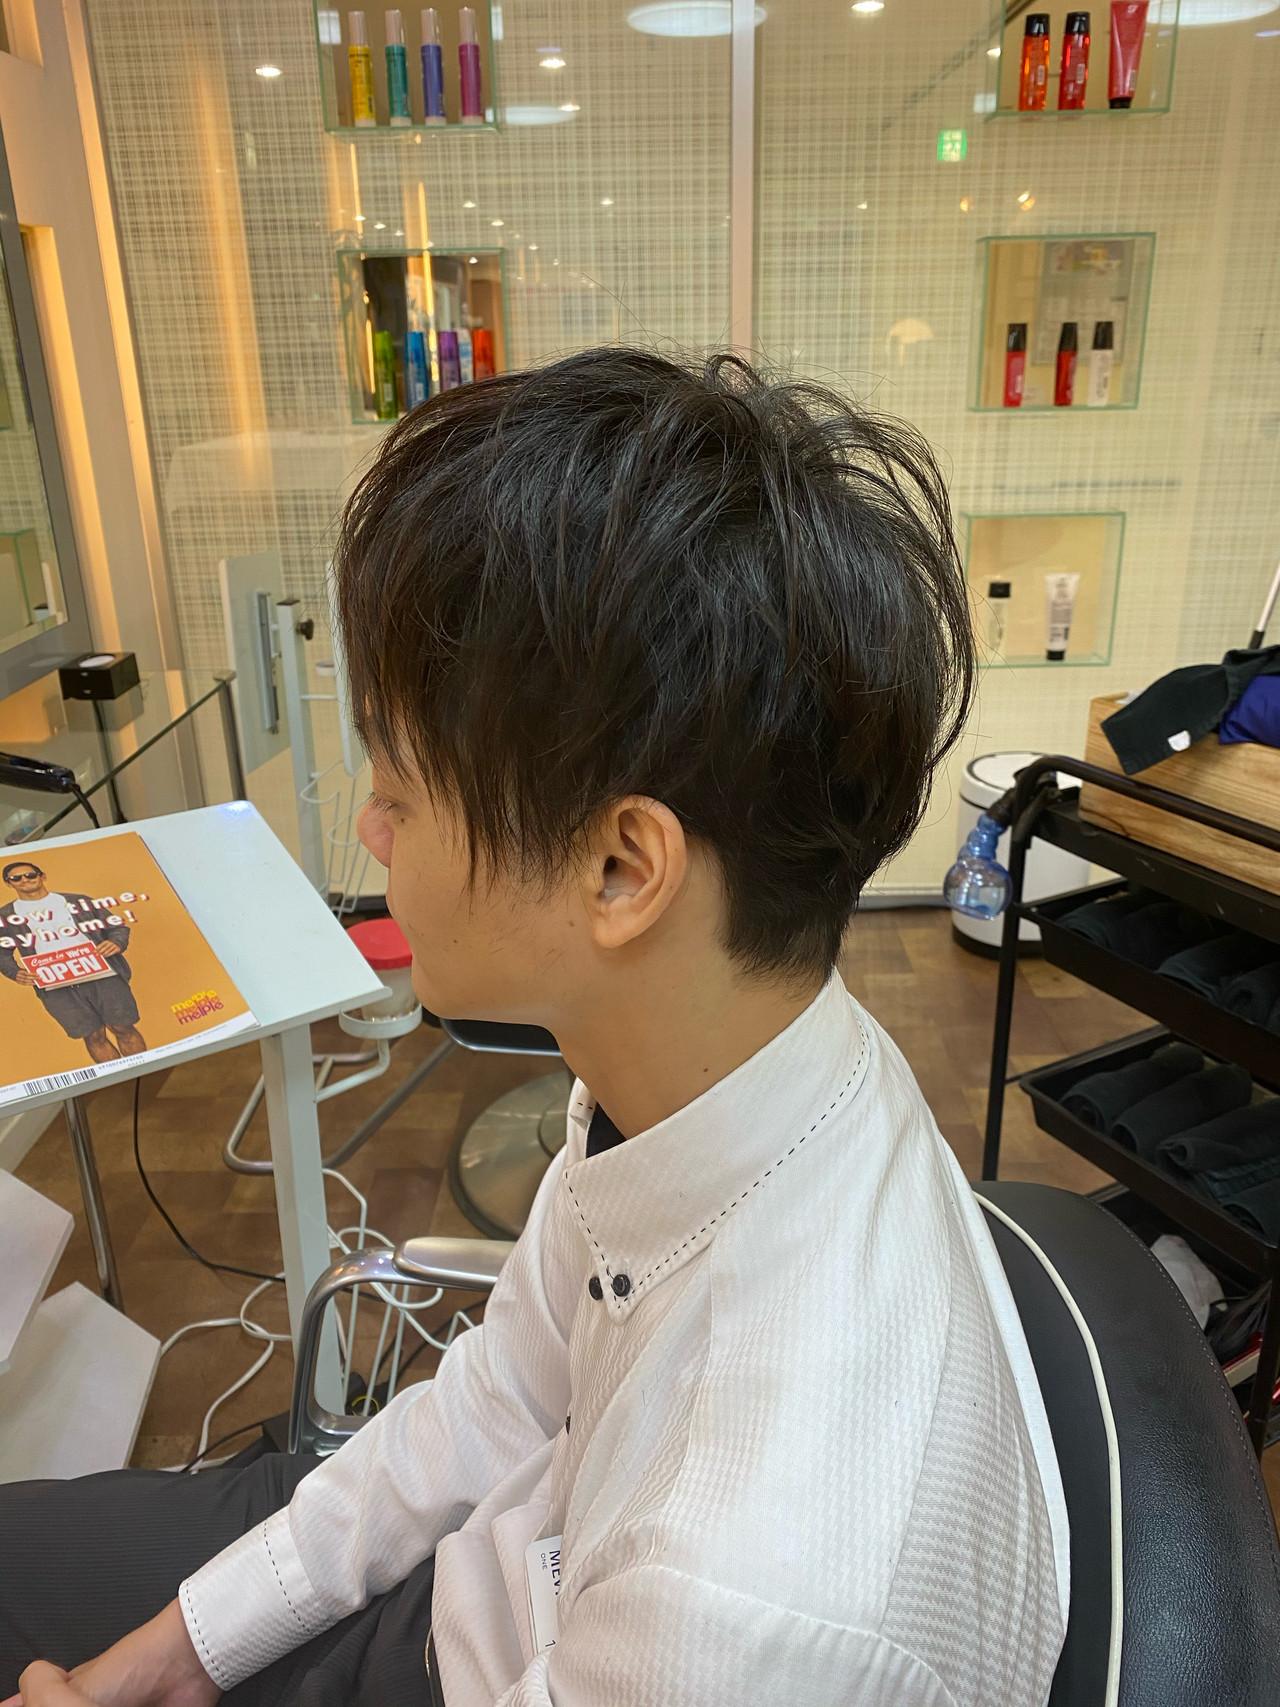 ツーブロック メンズカット メンズスタイル ショート ヘアスタイルや髪型の写真・画像